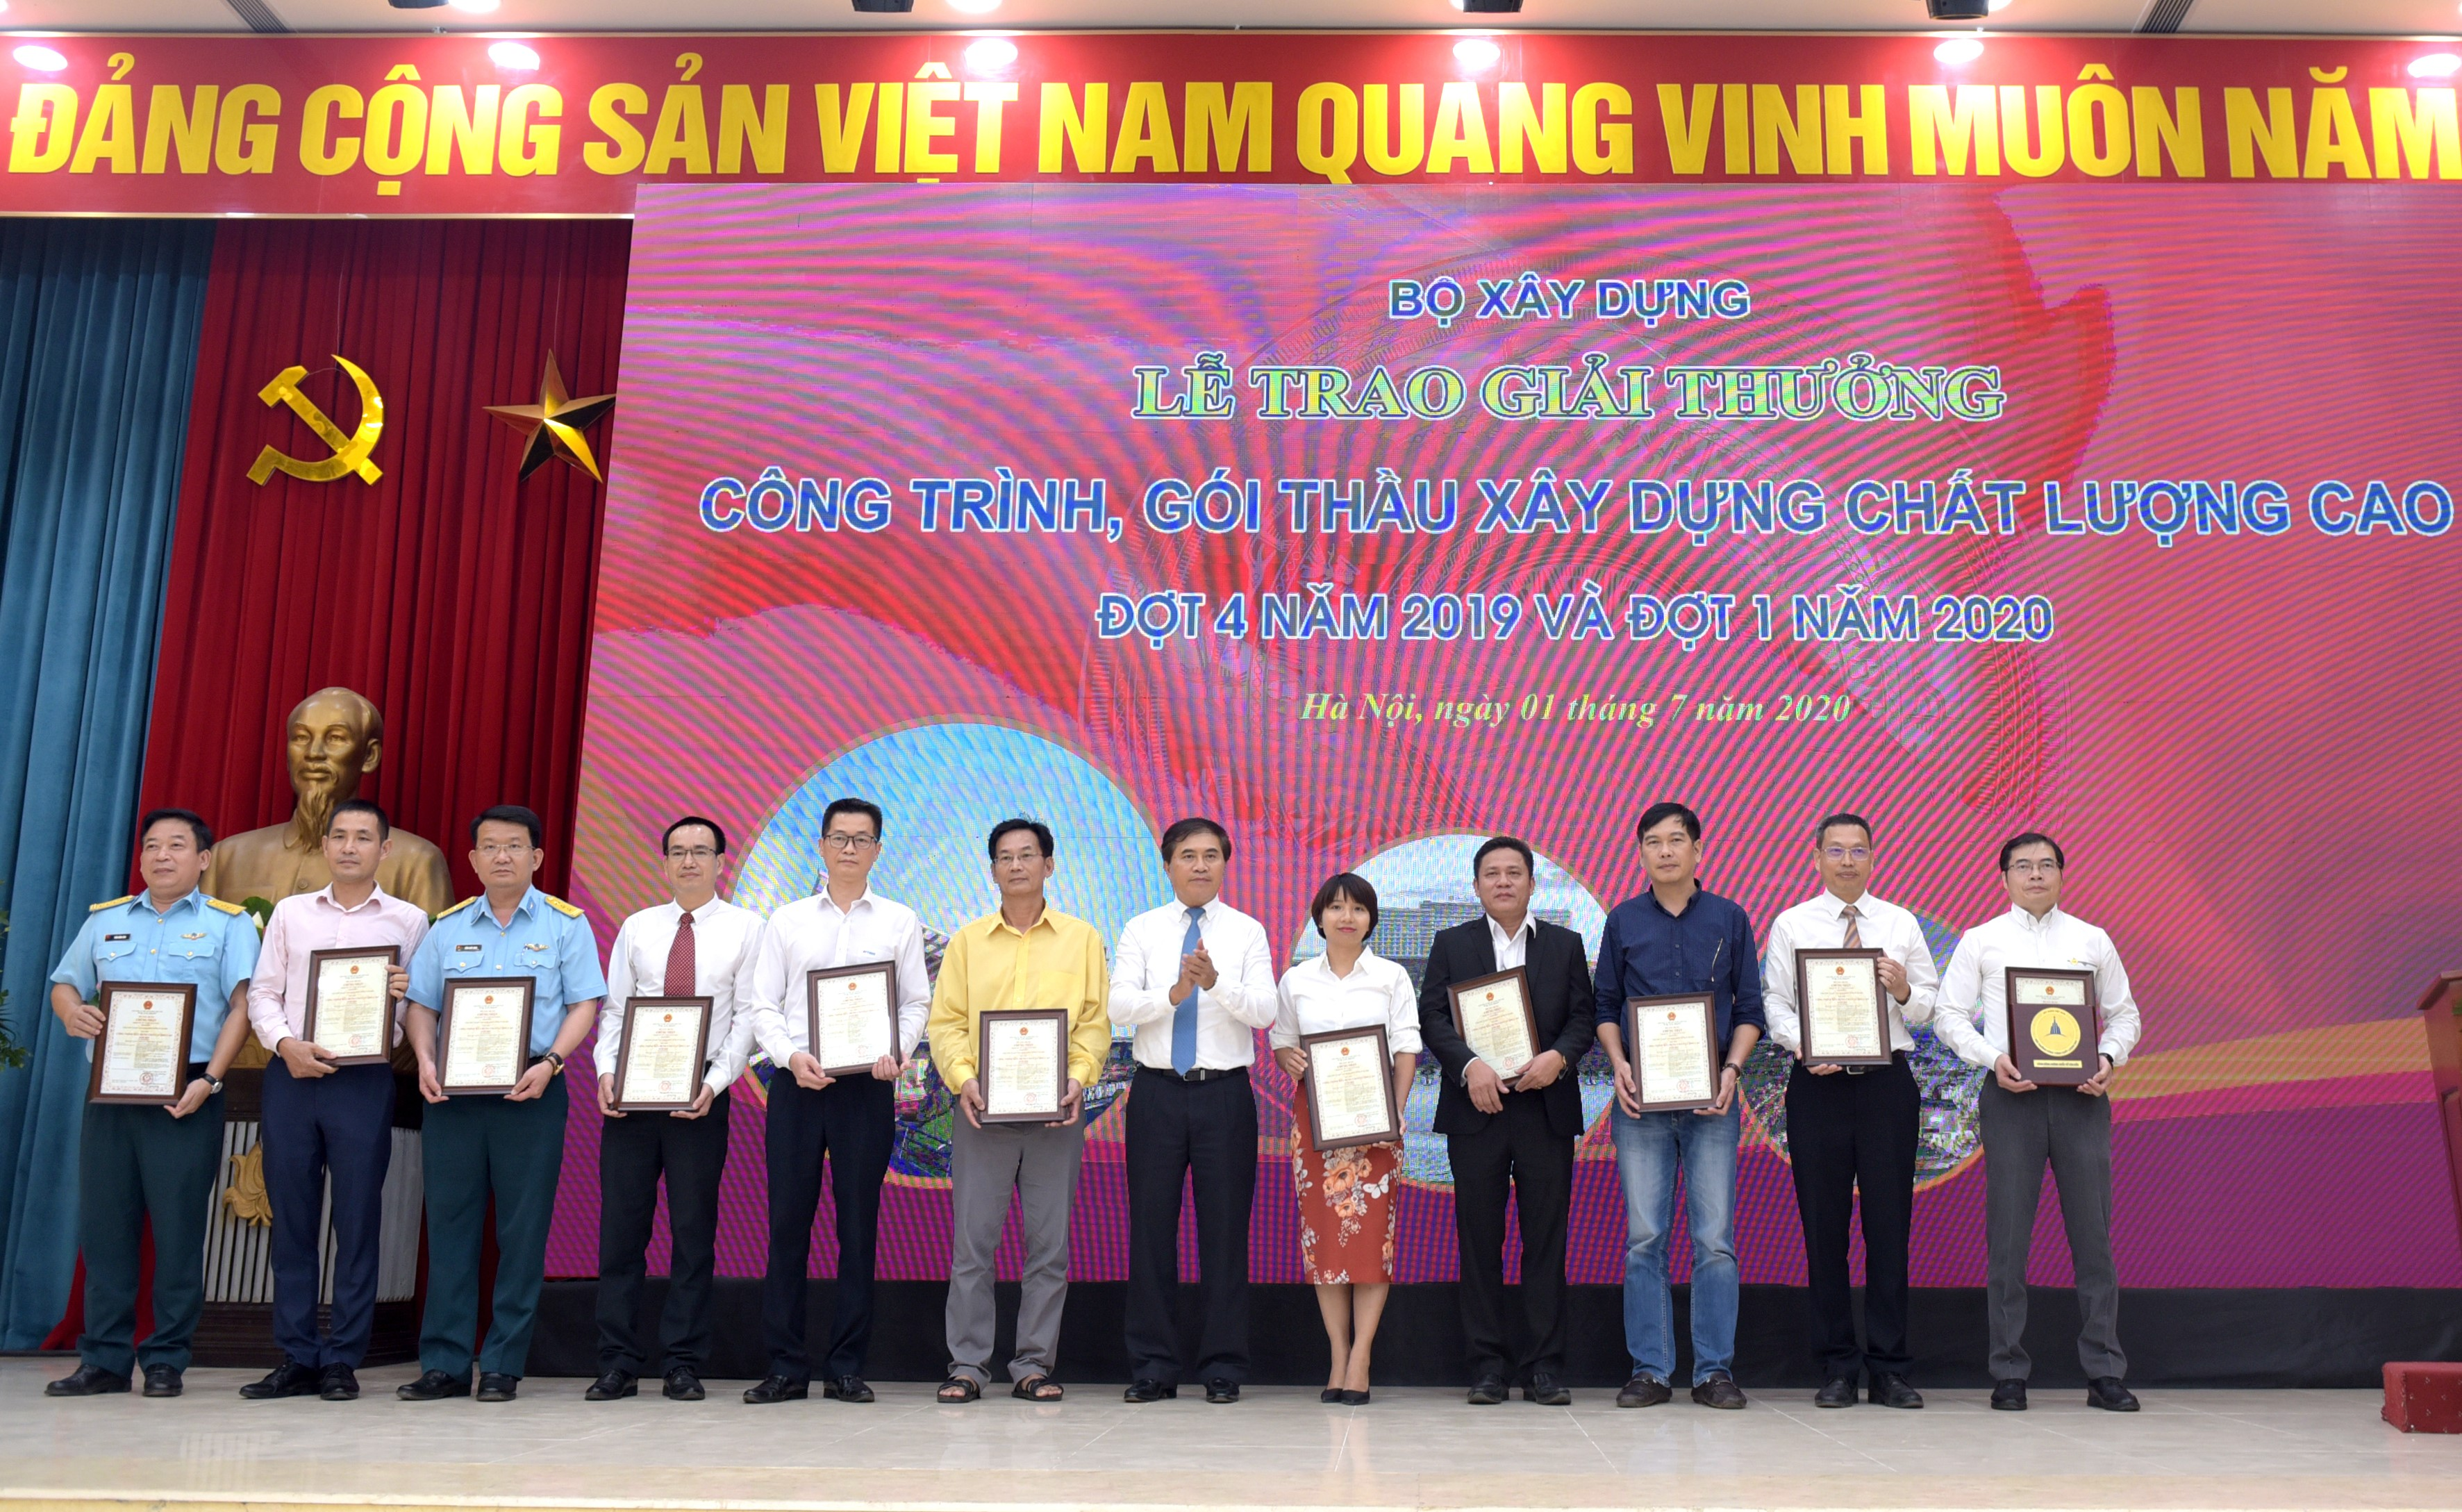 Sân bay quốc tế Vân Đồn được trao giải thưởng Công trình chất lượng cao 1